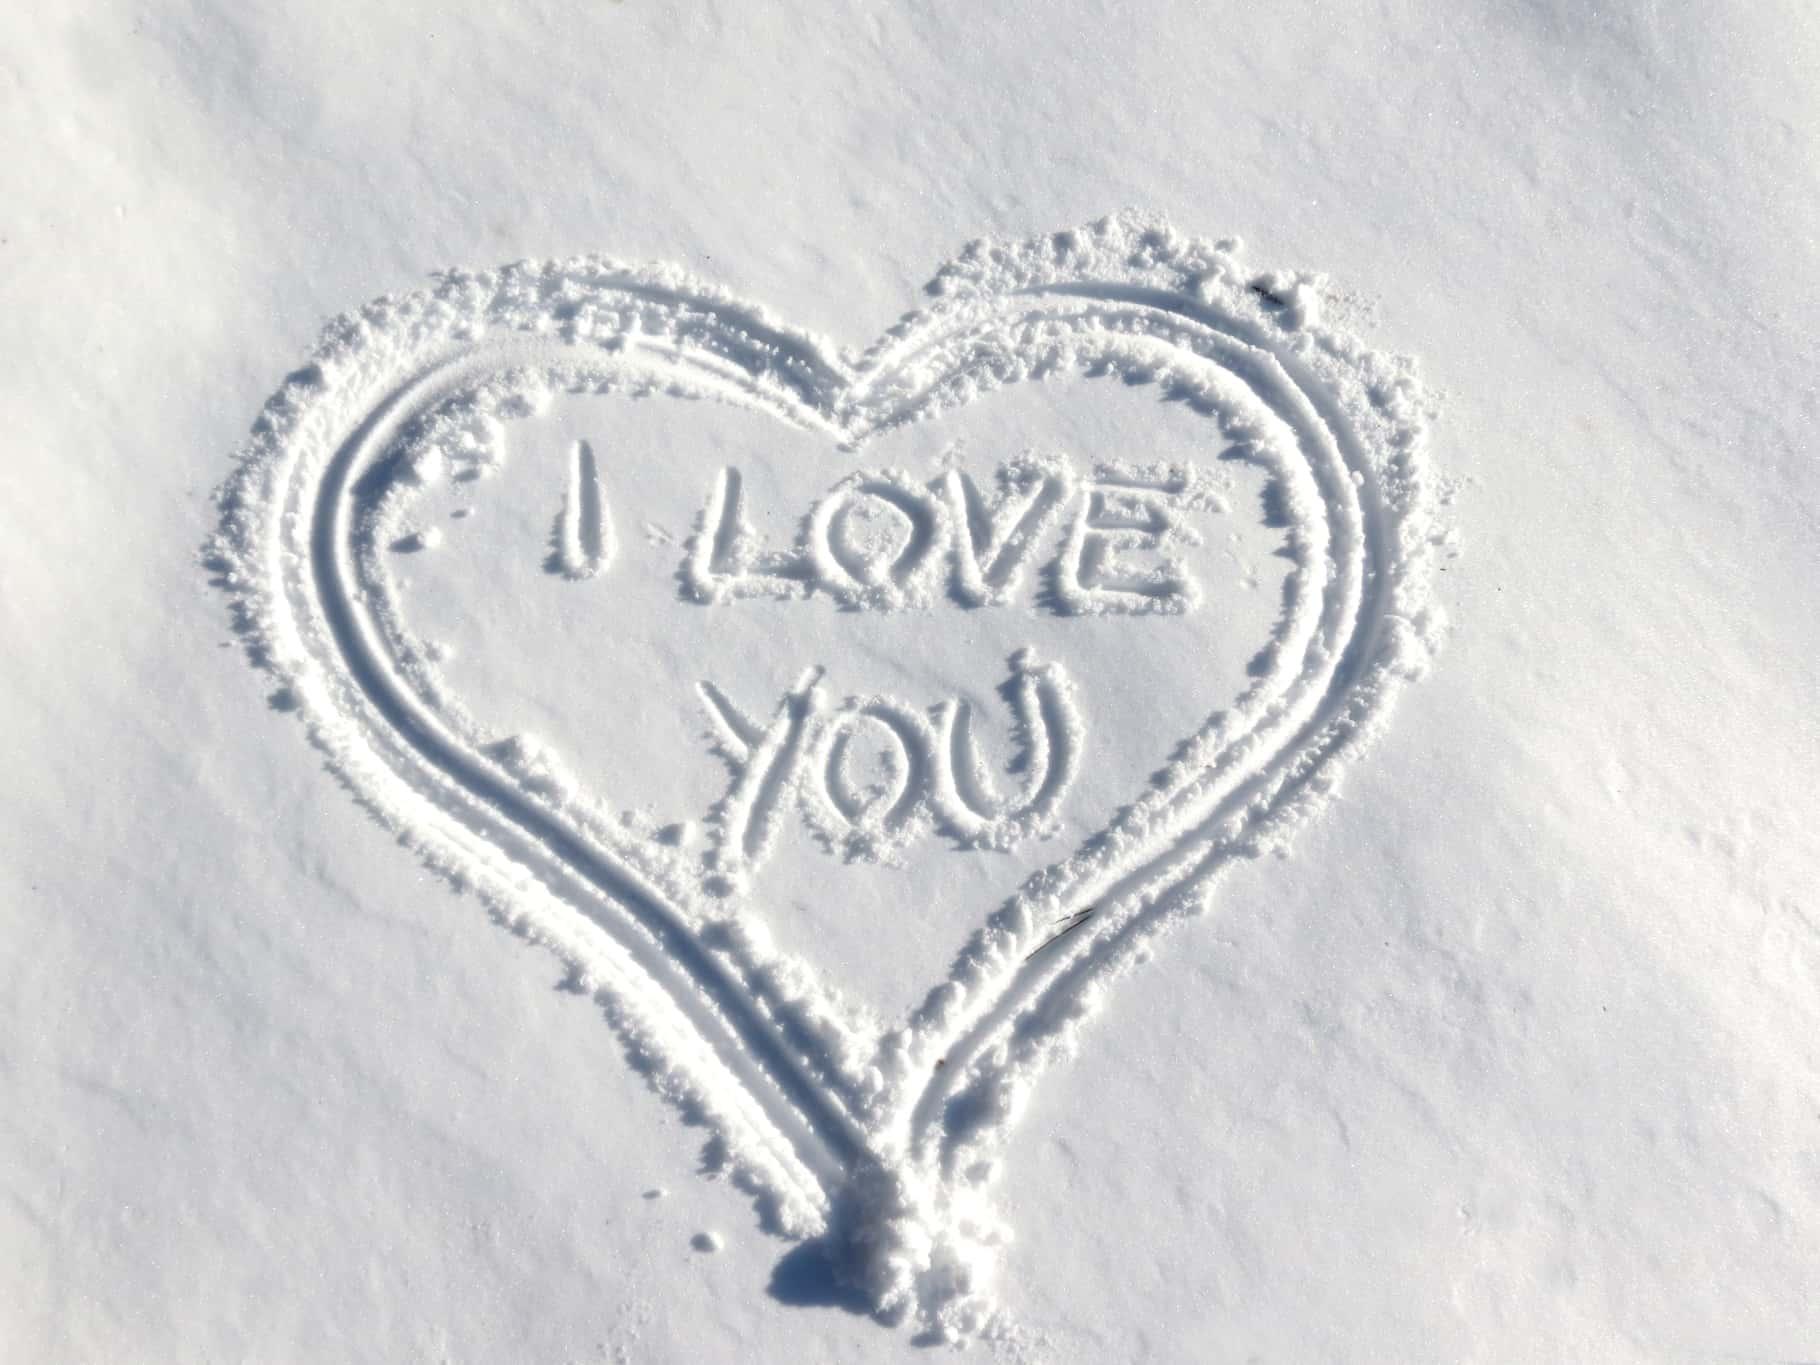 Vacances couple à la neige